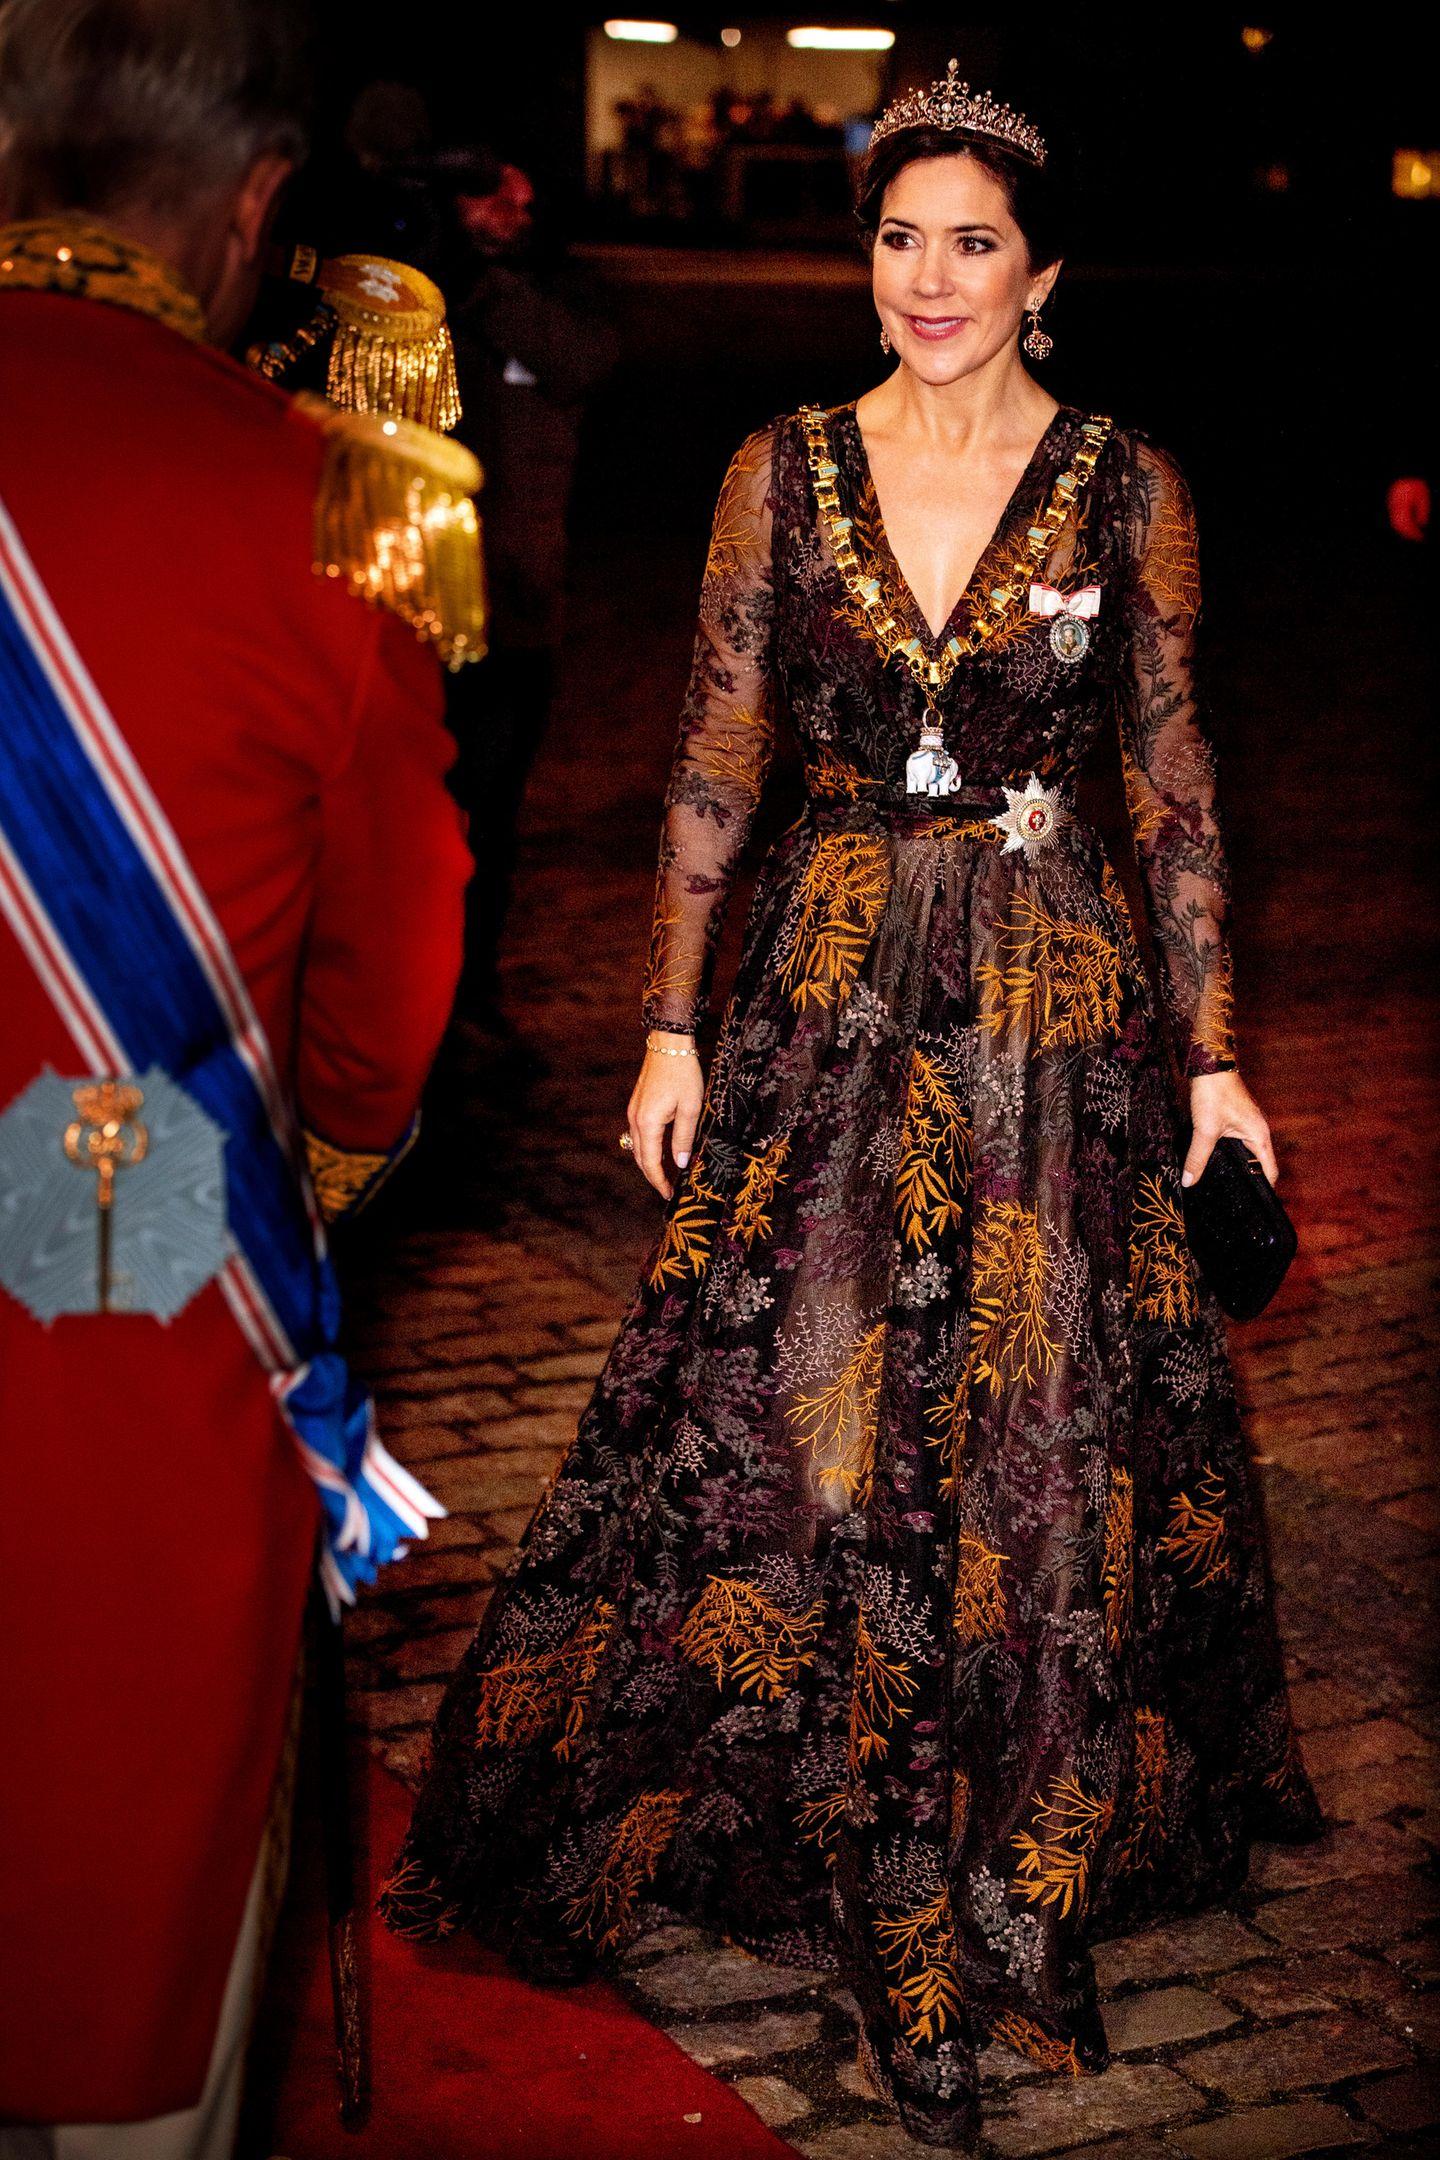 Beim traditionellen Neujahrsempfang inSchloss Amalienborg in Kopenhagen zeigt sich Prinzessin Mary königlich! Die 46-Jährige begrüßt das Jahr 2019in einer bodenlangen Robe mit floralem Muster des dänischen Haute-Couture-Designers JesperHøvring. Goldene Bestickungen mit Blattmustern setzen dem Look die Krone auf – und auch die Frau von Prinz Frederik selbst schmückt ihren Kopf mit funkelndem Schmuck und führt ihre Tiara aus.